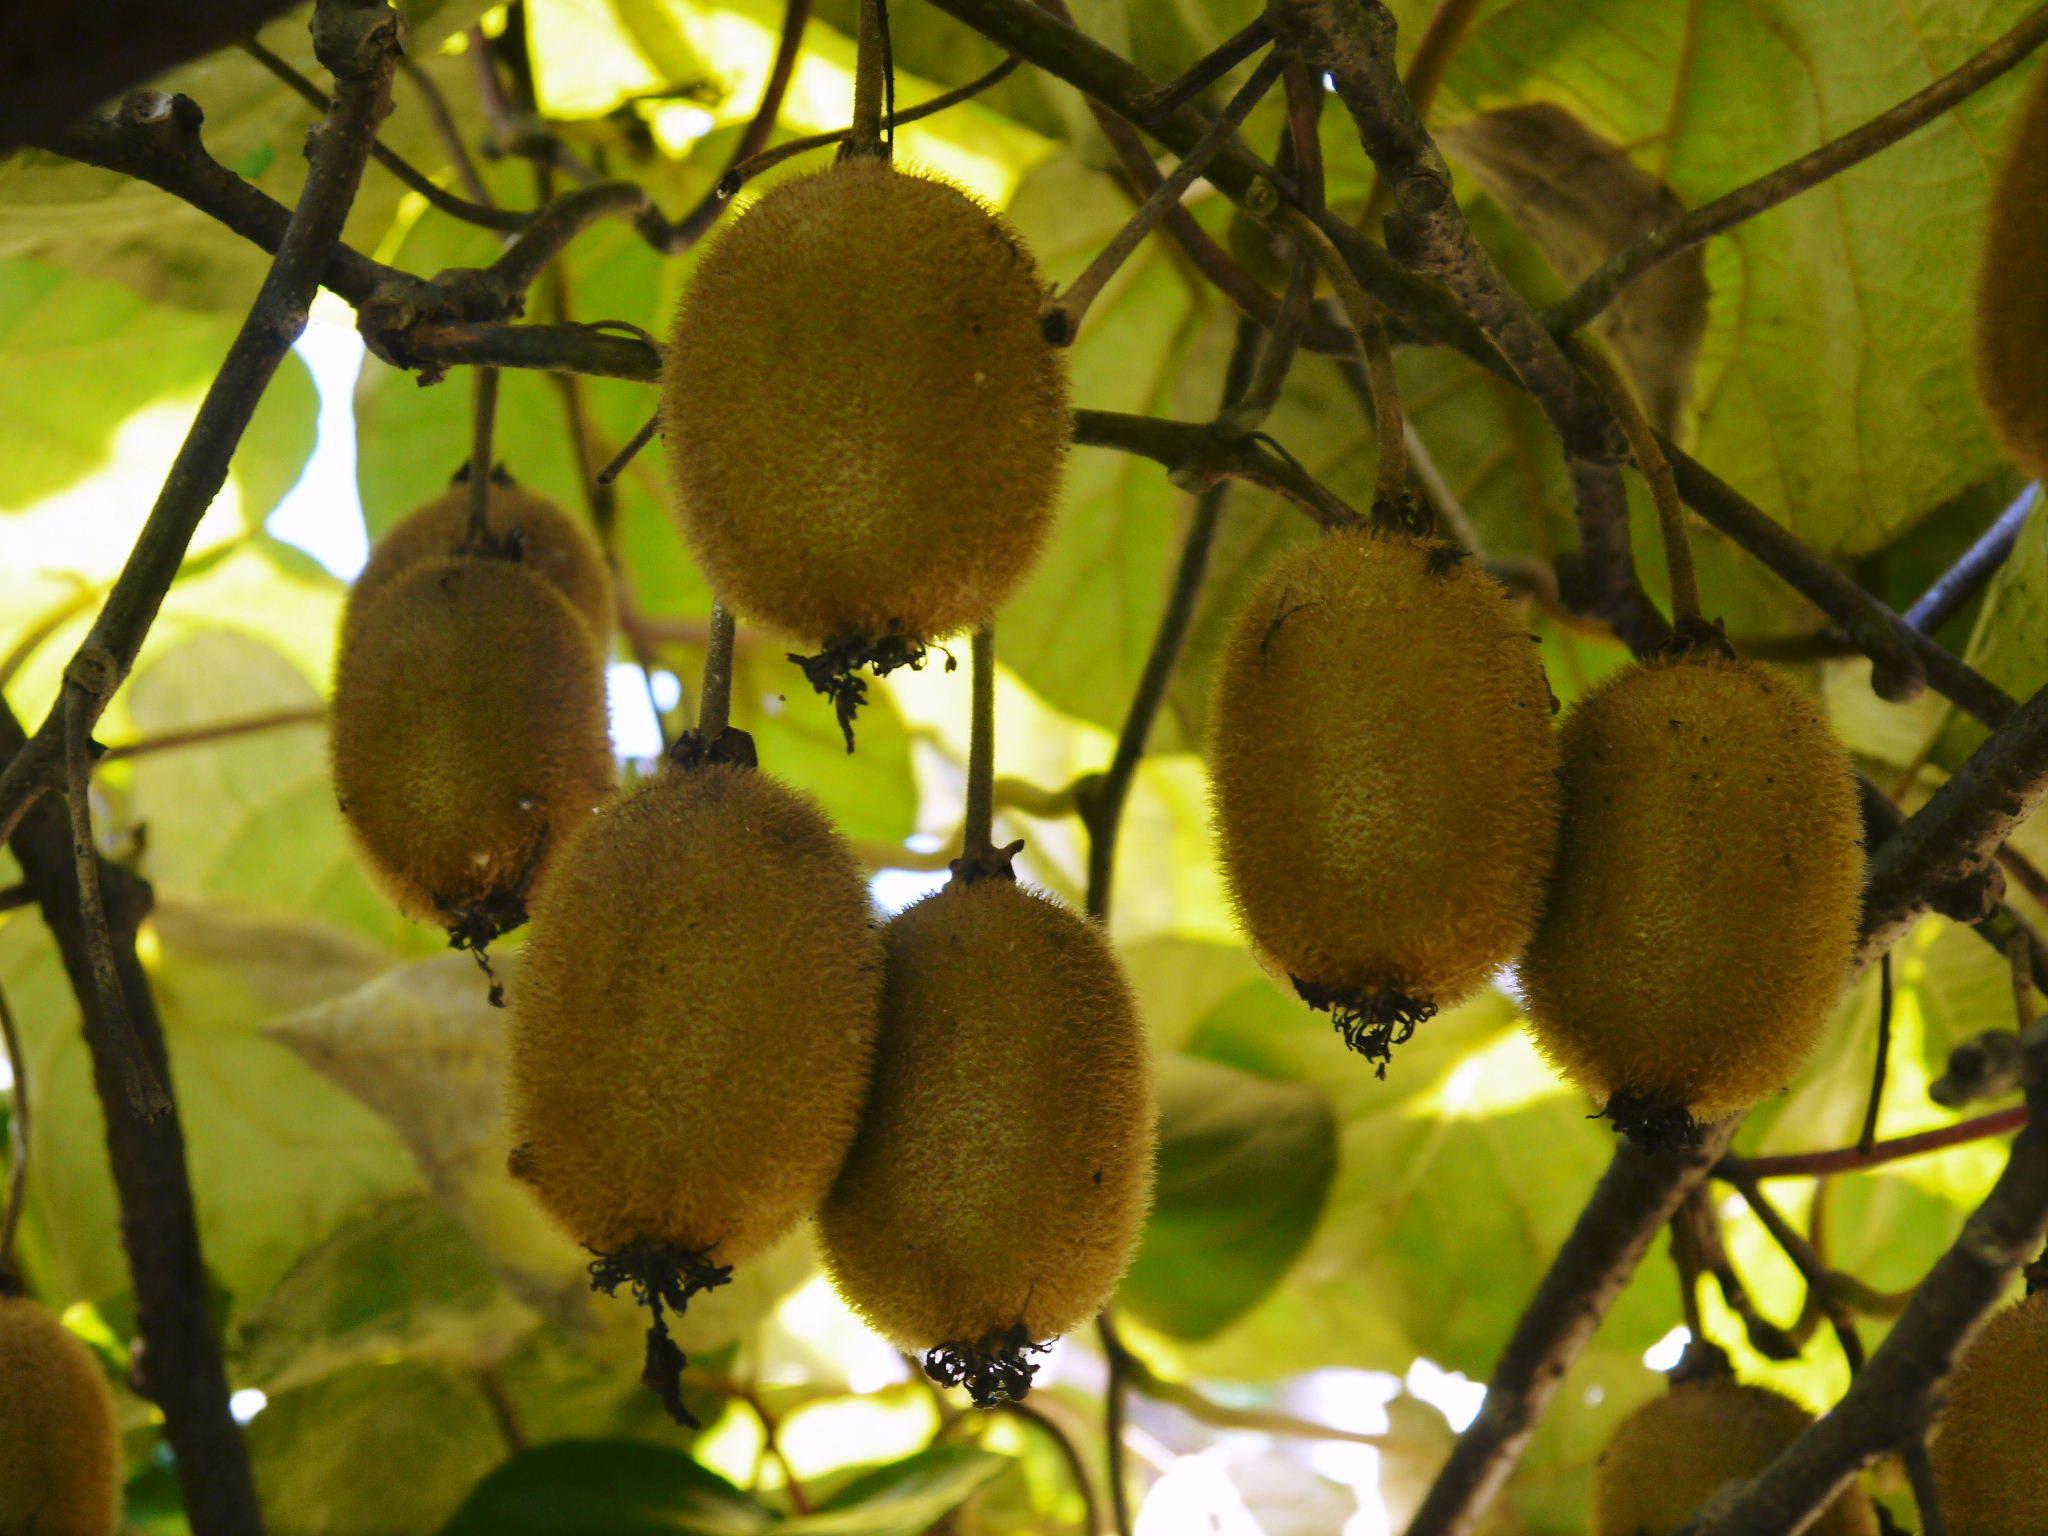 水源キウイ 11月中旬からの収穫に向け、しっかりと手をかけ育てます!キウイフルーツは冬の果物です!_a0254656_18245766.jpg